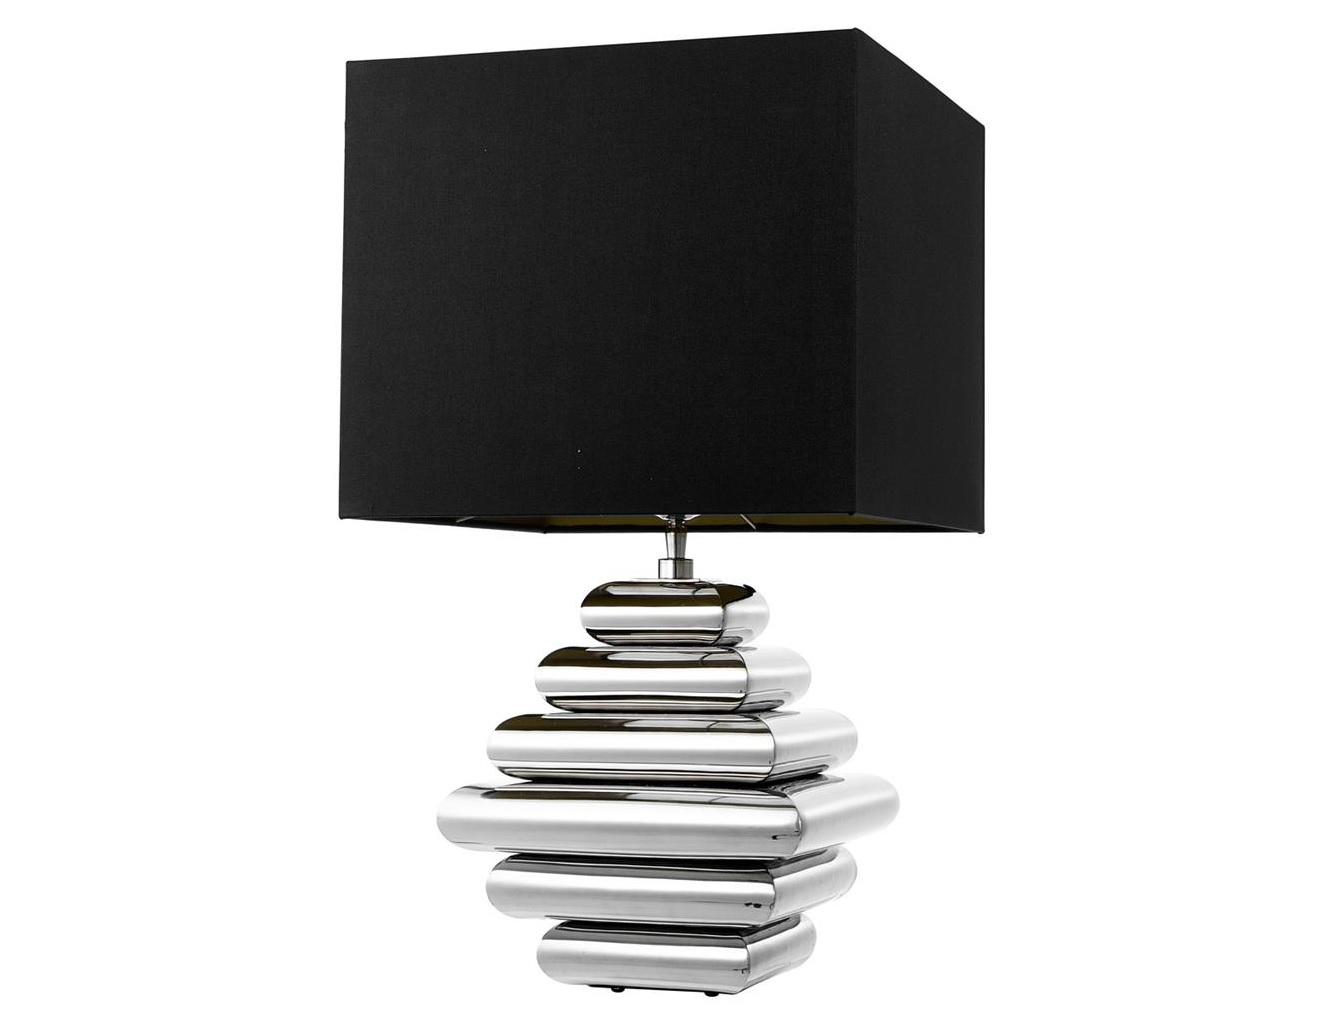 Настольная лампа Table Lamp BelmondДекоративные лампы<br>&amp;lt;div&amp;gt;Вид цоколя: E27&amp;lt;br&amp;gt;&amp;lt;/div&amp;gt;&amp;lt;div&amp;gt;&amp;lt;div&amp;gt;Мощность: 40W&amp;lt;/div&amp;gt;&amp;lt;div&amp;gt;Количество ламп: 1 (нет в комплекте)&amp;lt;/div&amp;gt;&amp;lt;/div&amp;gt;<br><br>Material: Металл<br>Ширина см: 35.0<br>Высота см: 62.0<br>Глубина см: 35.0